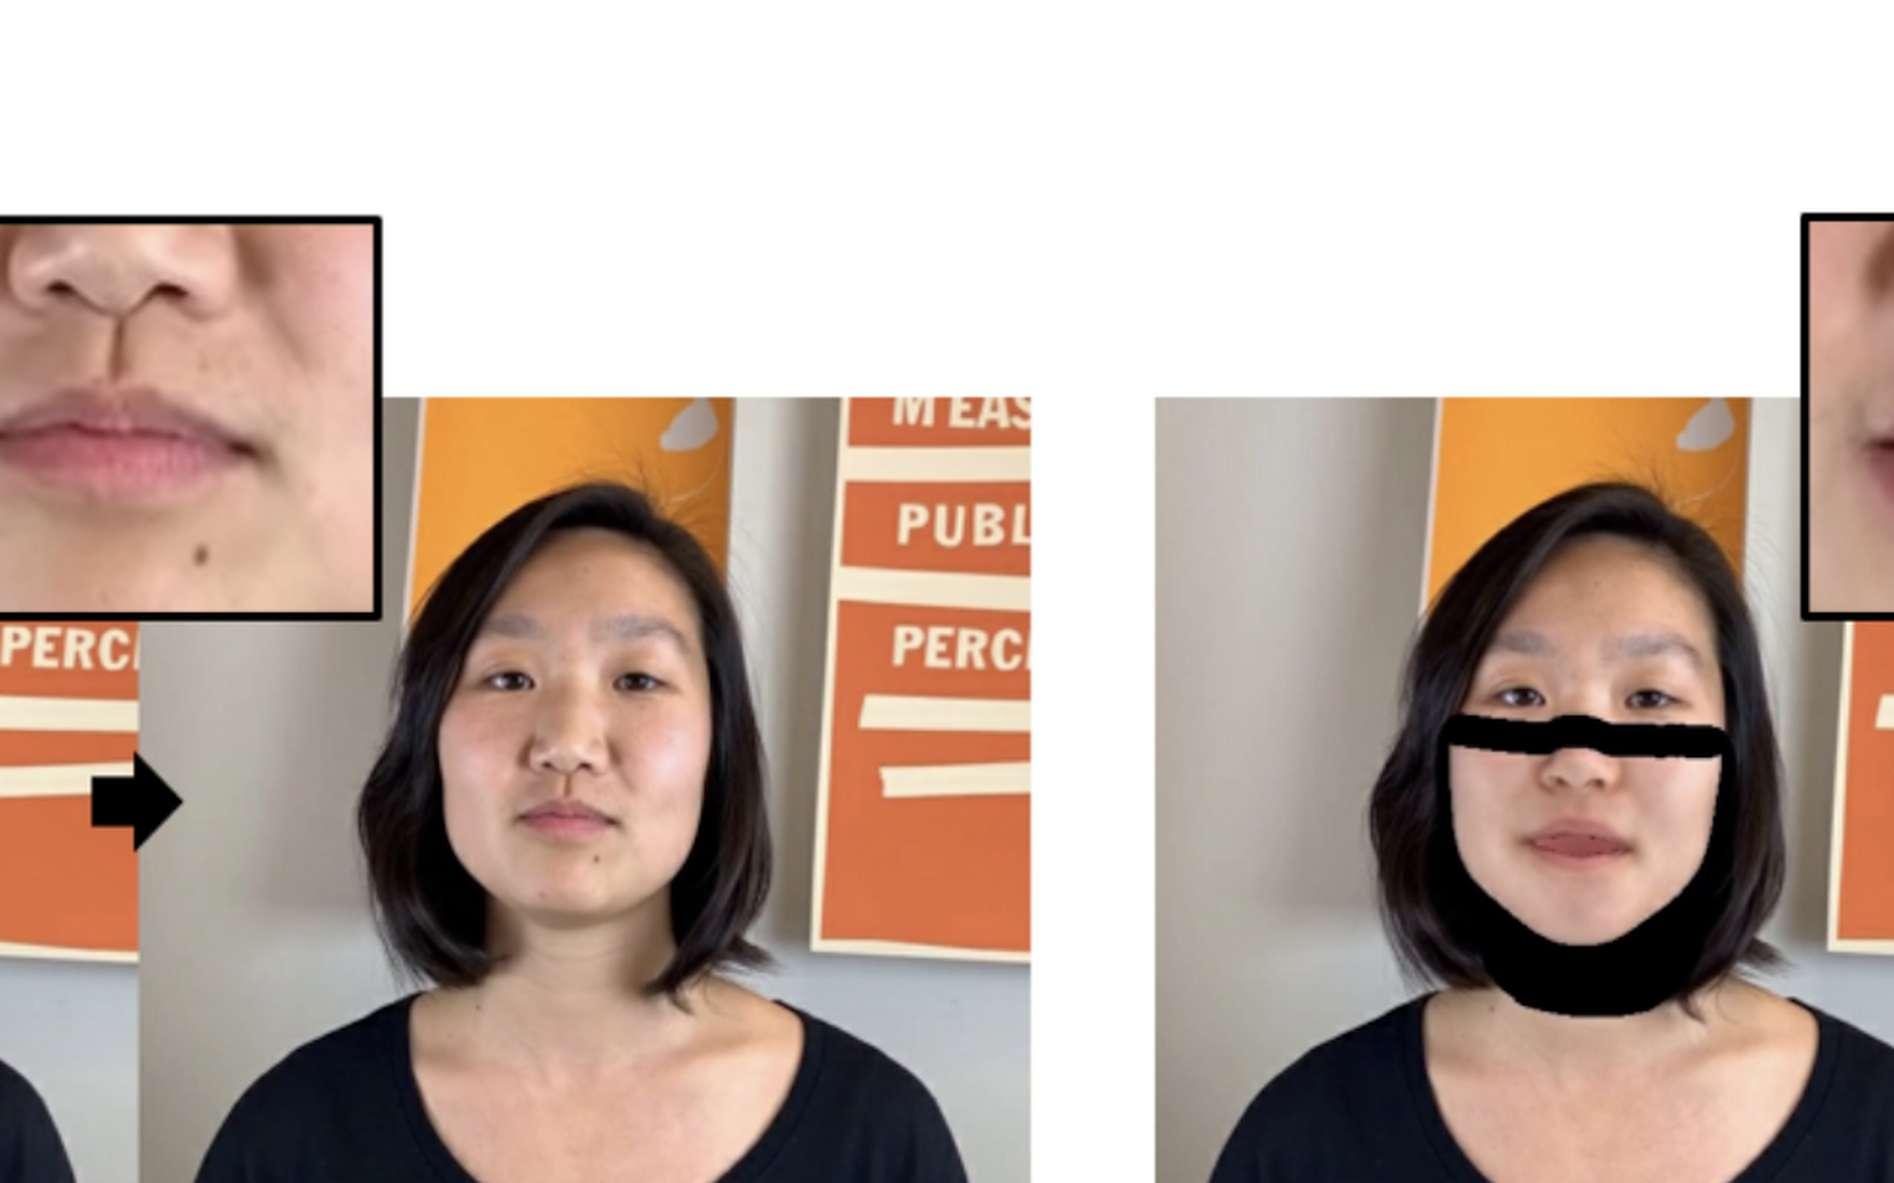 L'IA détecte les éléments clés d'une séquence vidéo et modifie les paroles d'une personne. © DR